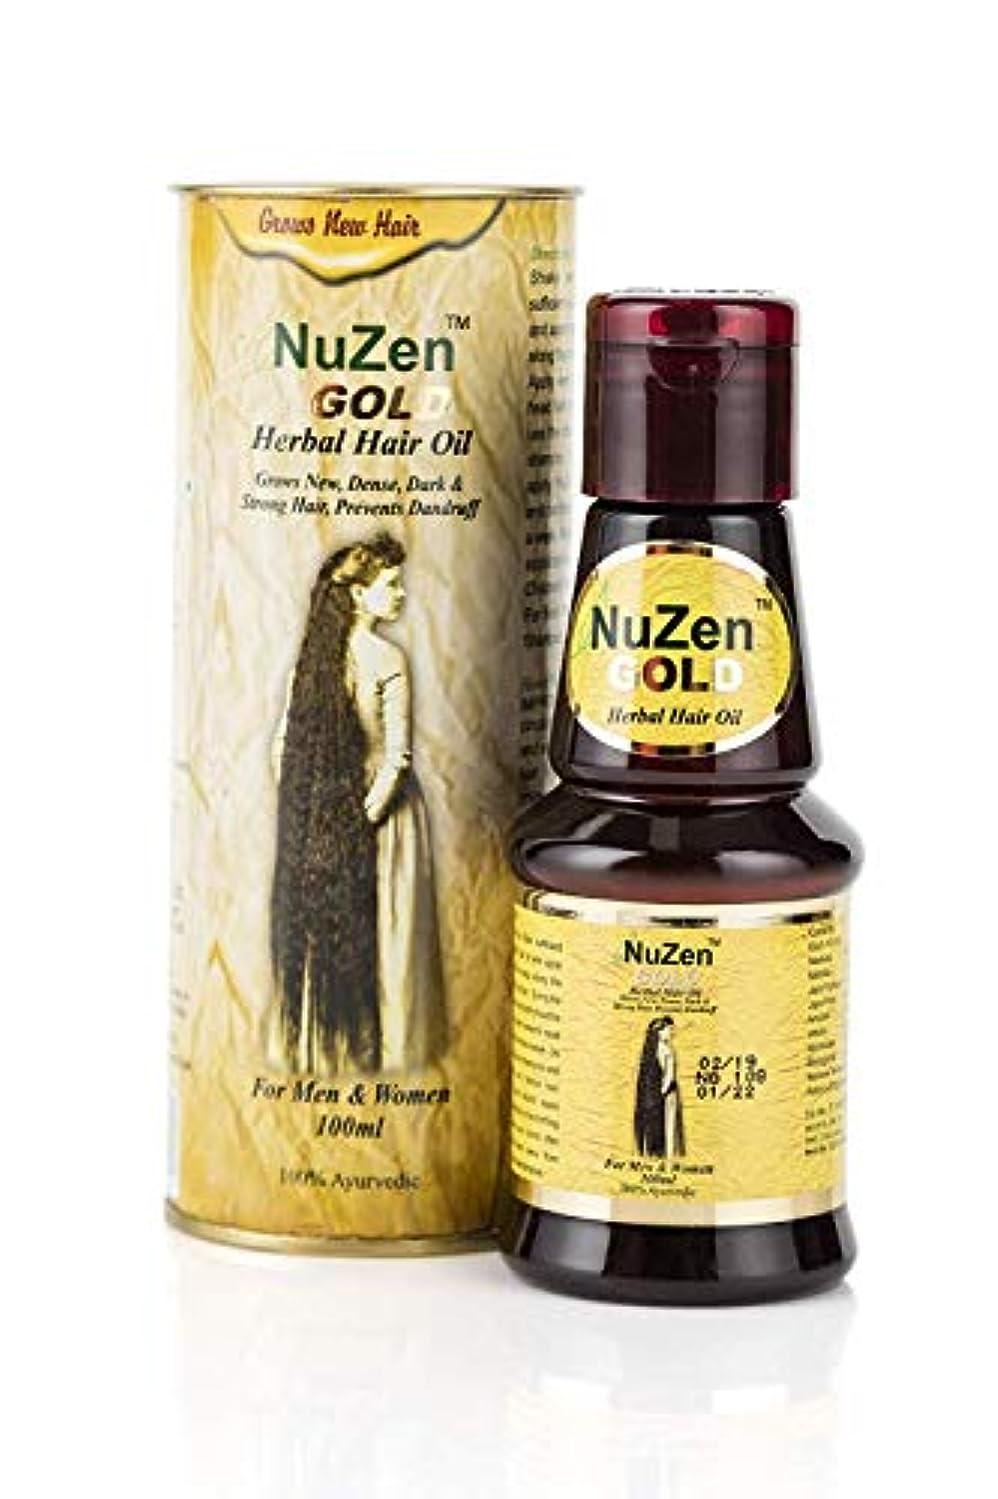 補助金薄い持続するNuzen Gold Herbal Hair Oil 100ml Grows New Dark & Strong Hairs Prevents Dandruff Nuzenゴールドハーブヘアオイルが成長する新しいダーク&ストロングヘアがフケを防ぎます